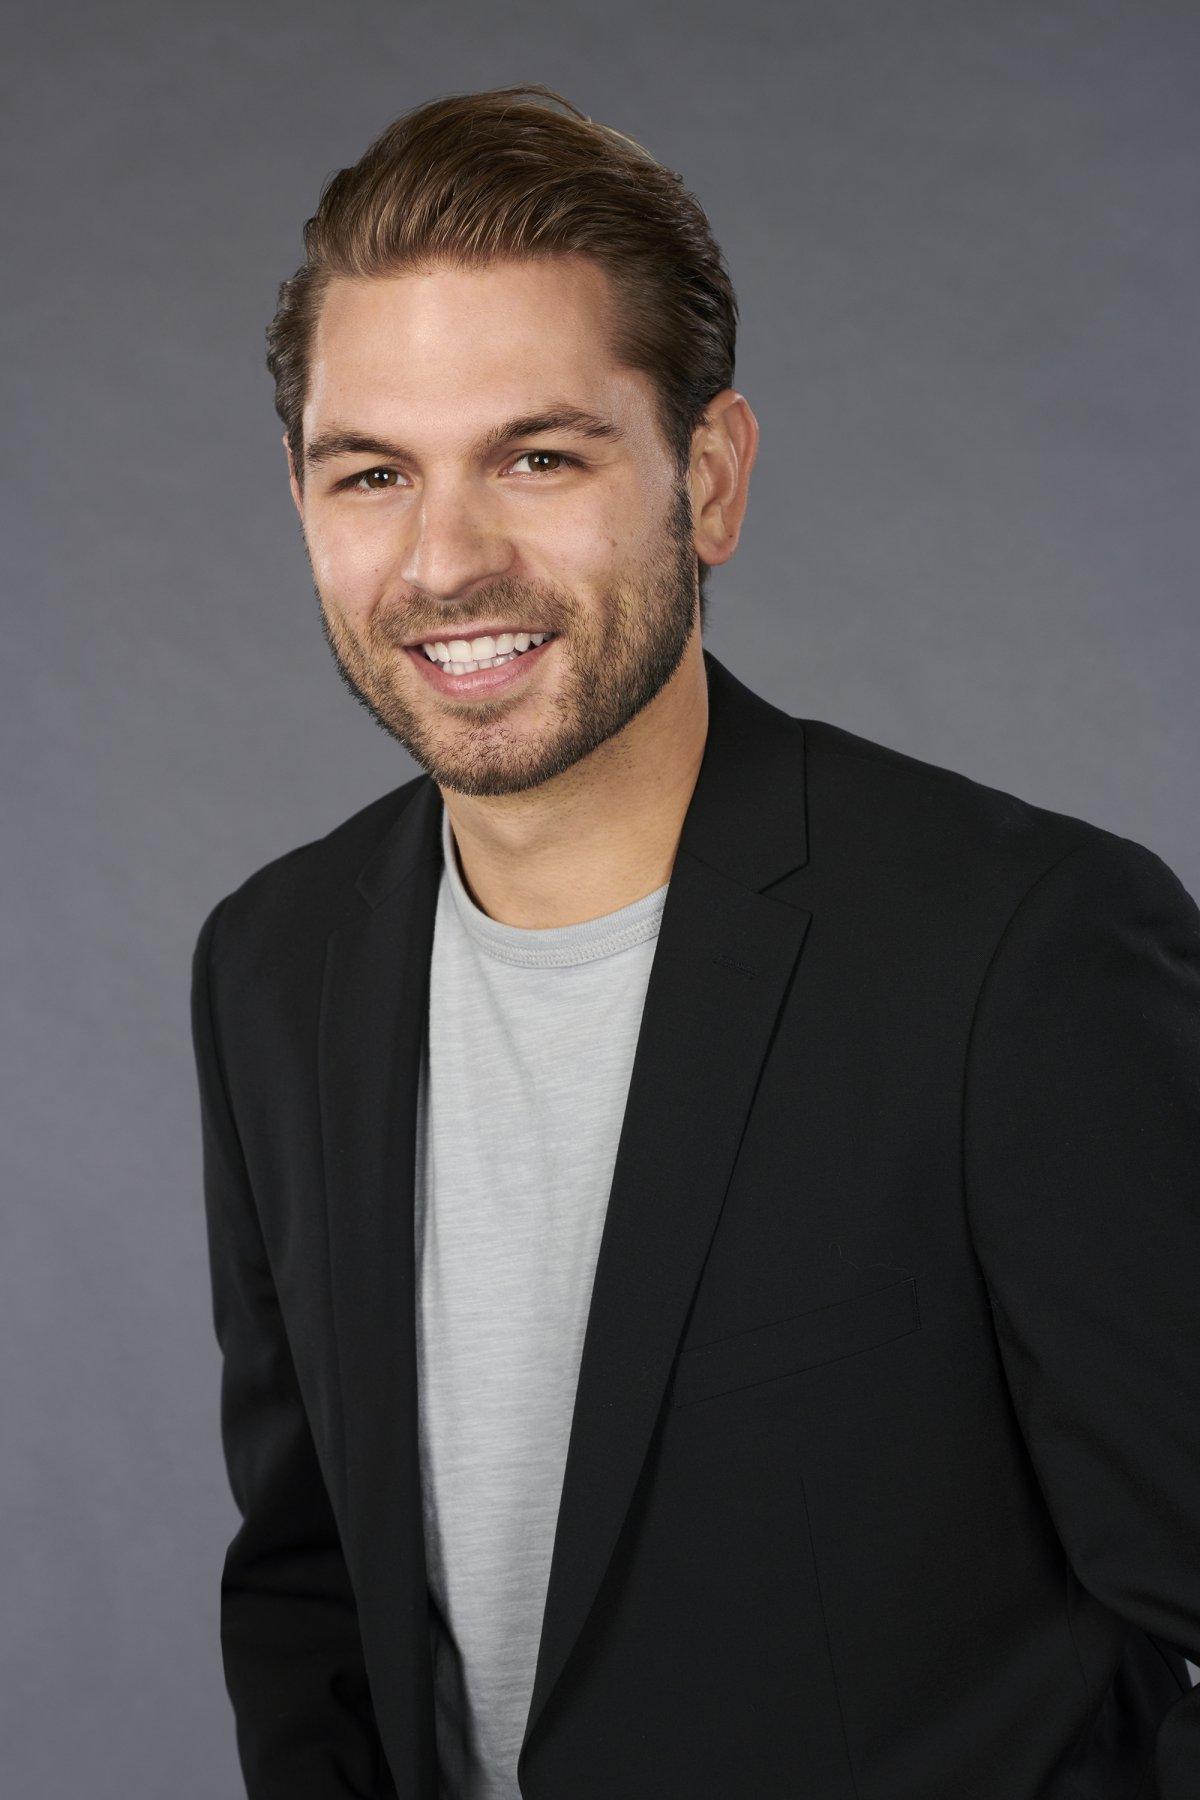 Ryan Spirko